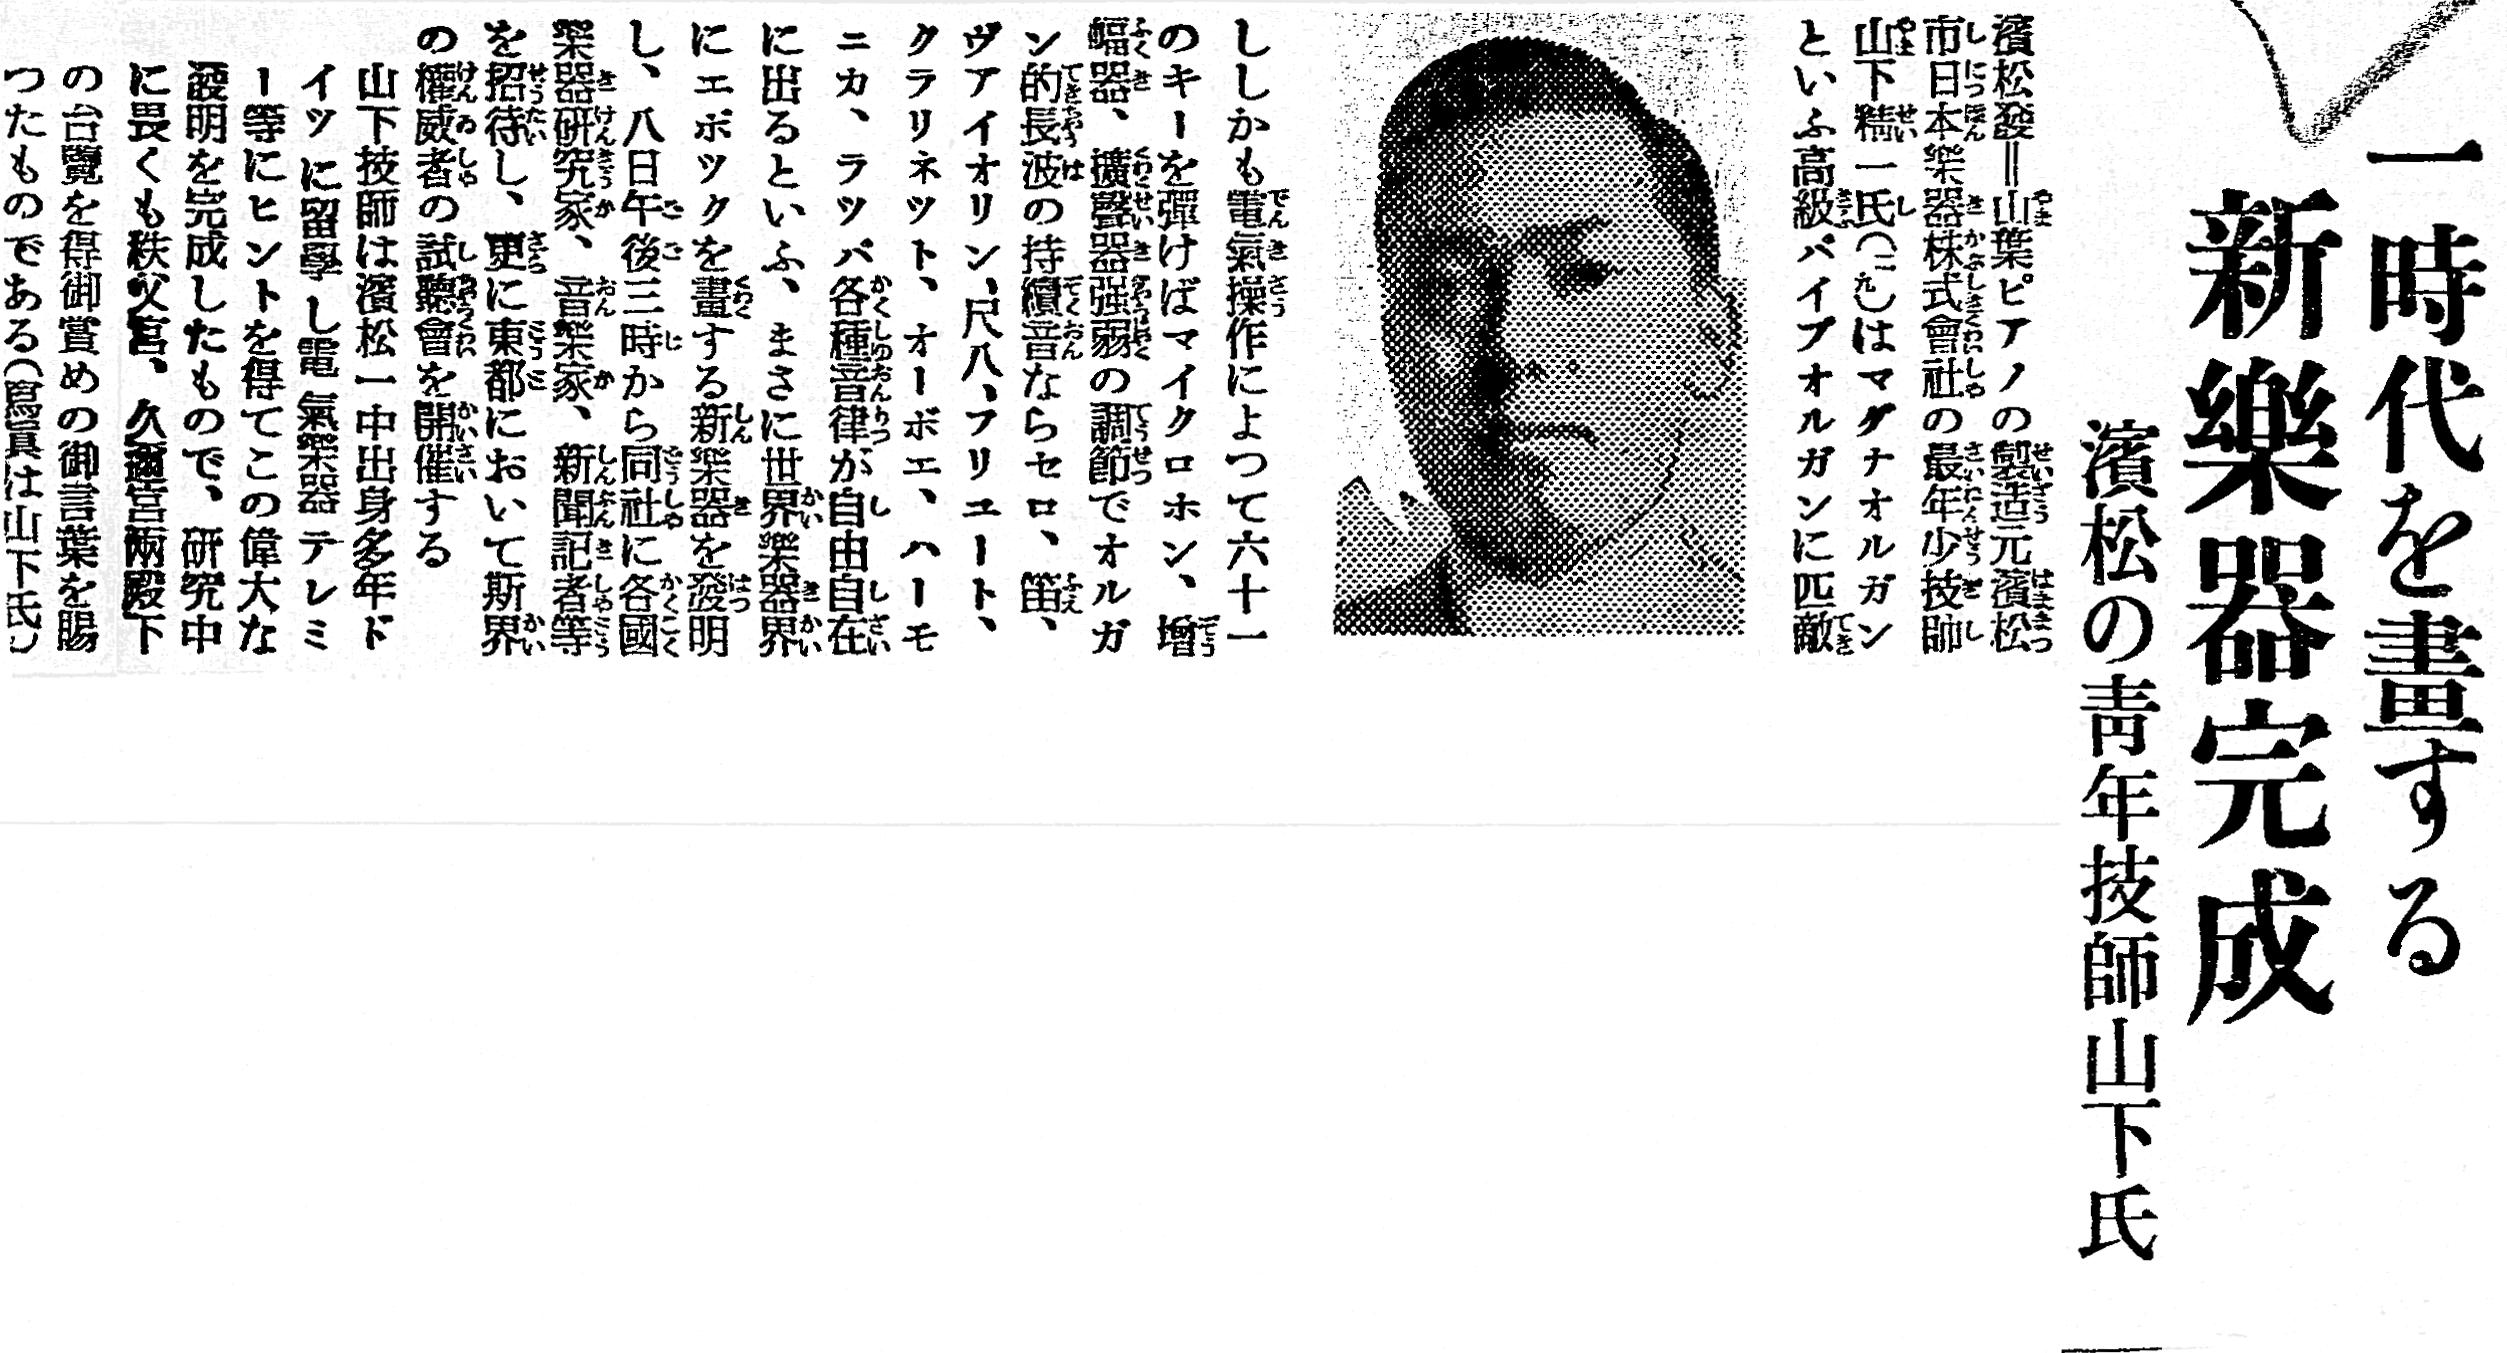 File:Yamaha Magna Organ article on Hochi Shimbun 1935-06